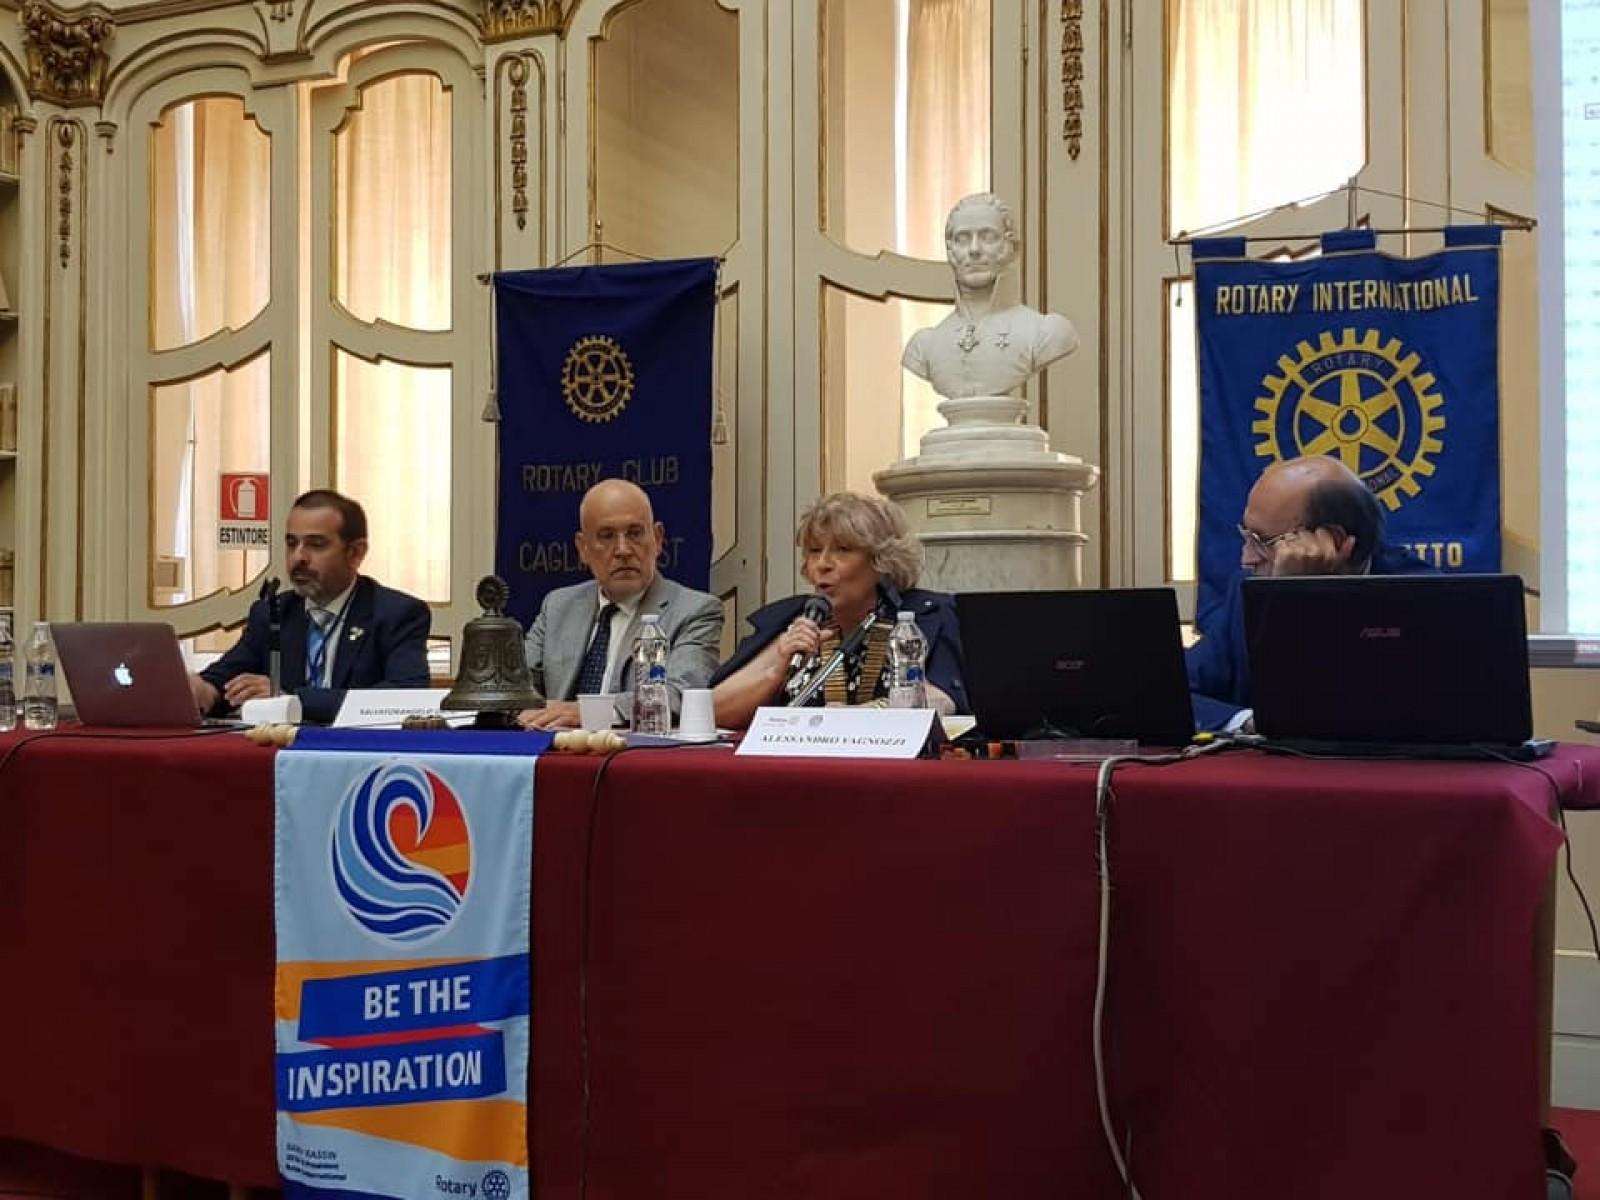 Gallery - Seminario Distrettuale Comunicazione e Nuove Generazioni per i Rotary Club zona Sardegna del Distretto 2080 R.I.